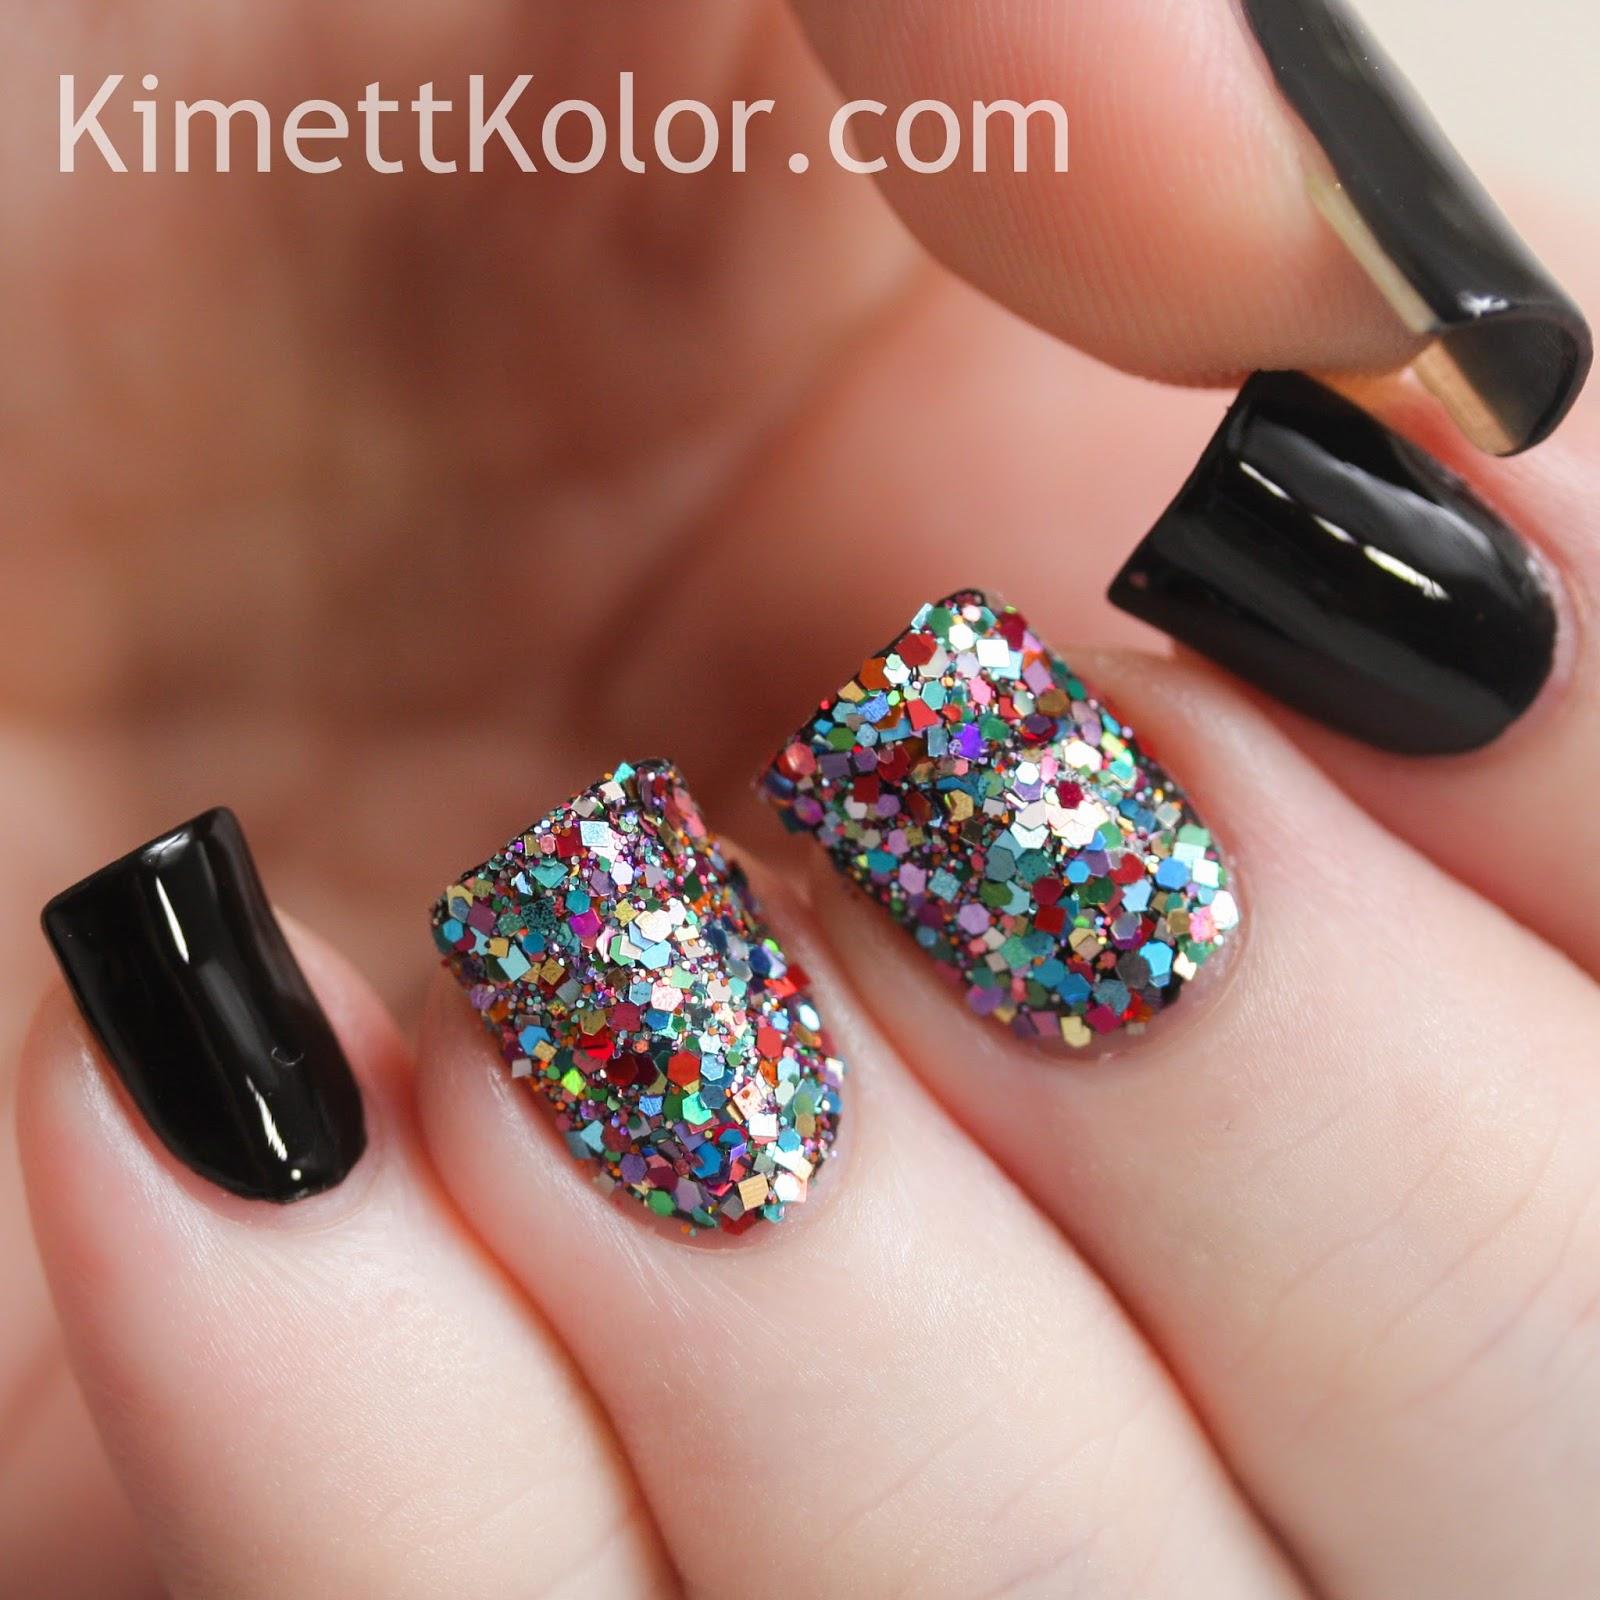 Glitter Covered Nailswith Stamping Kimett Kolor